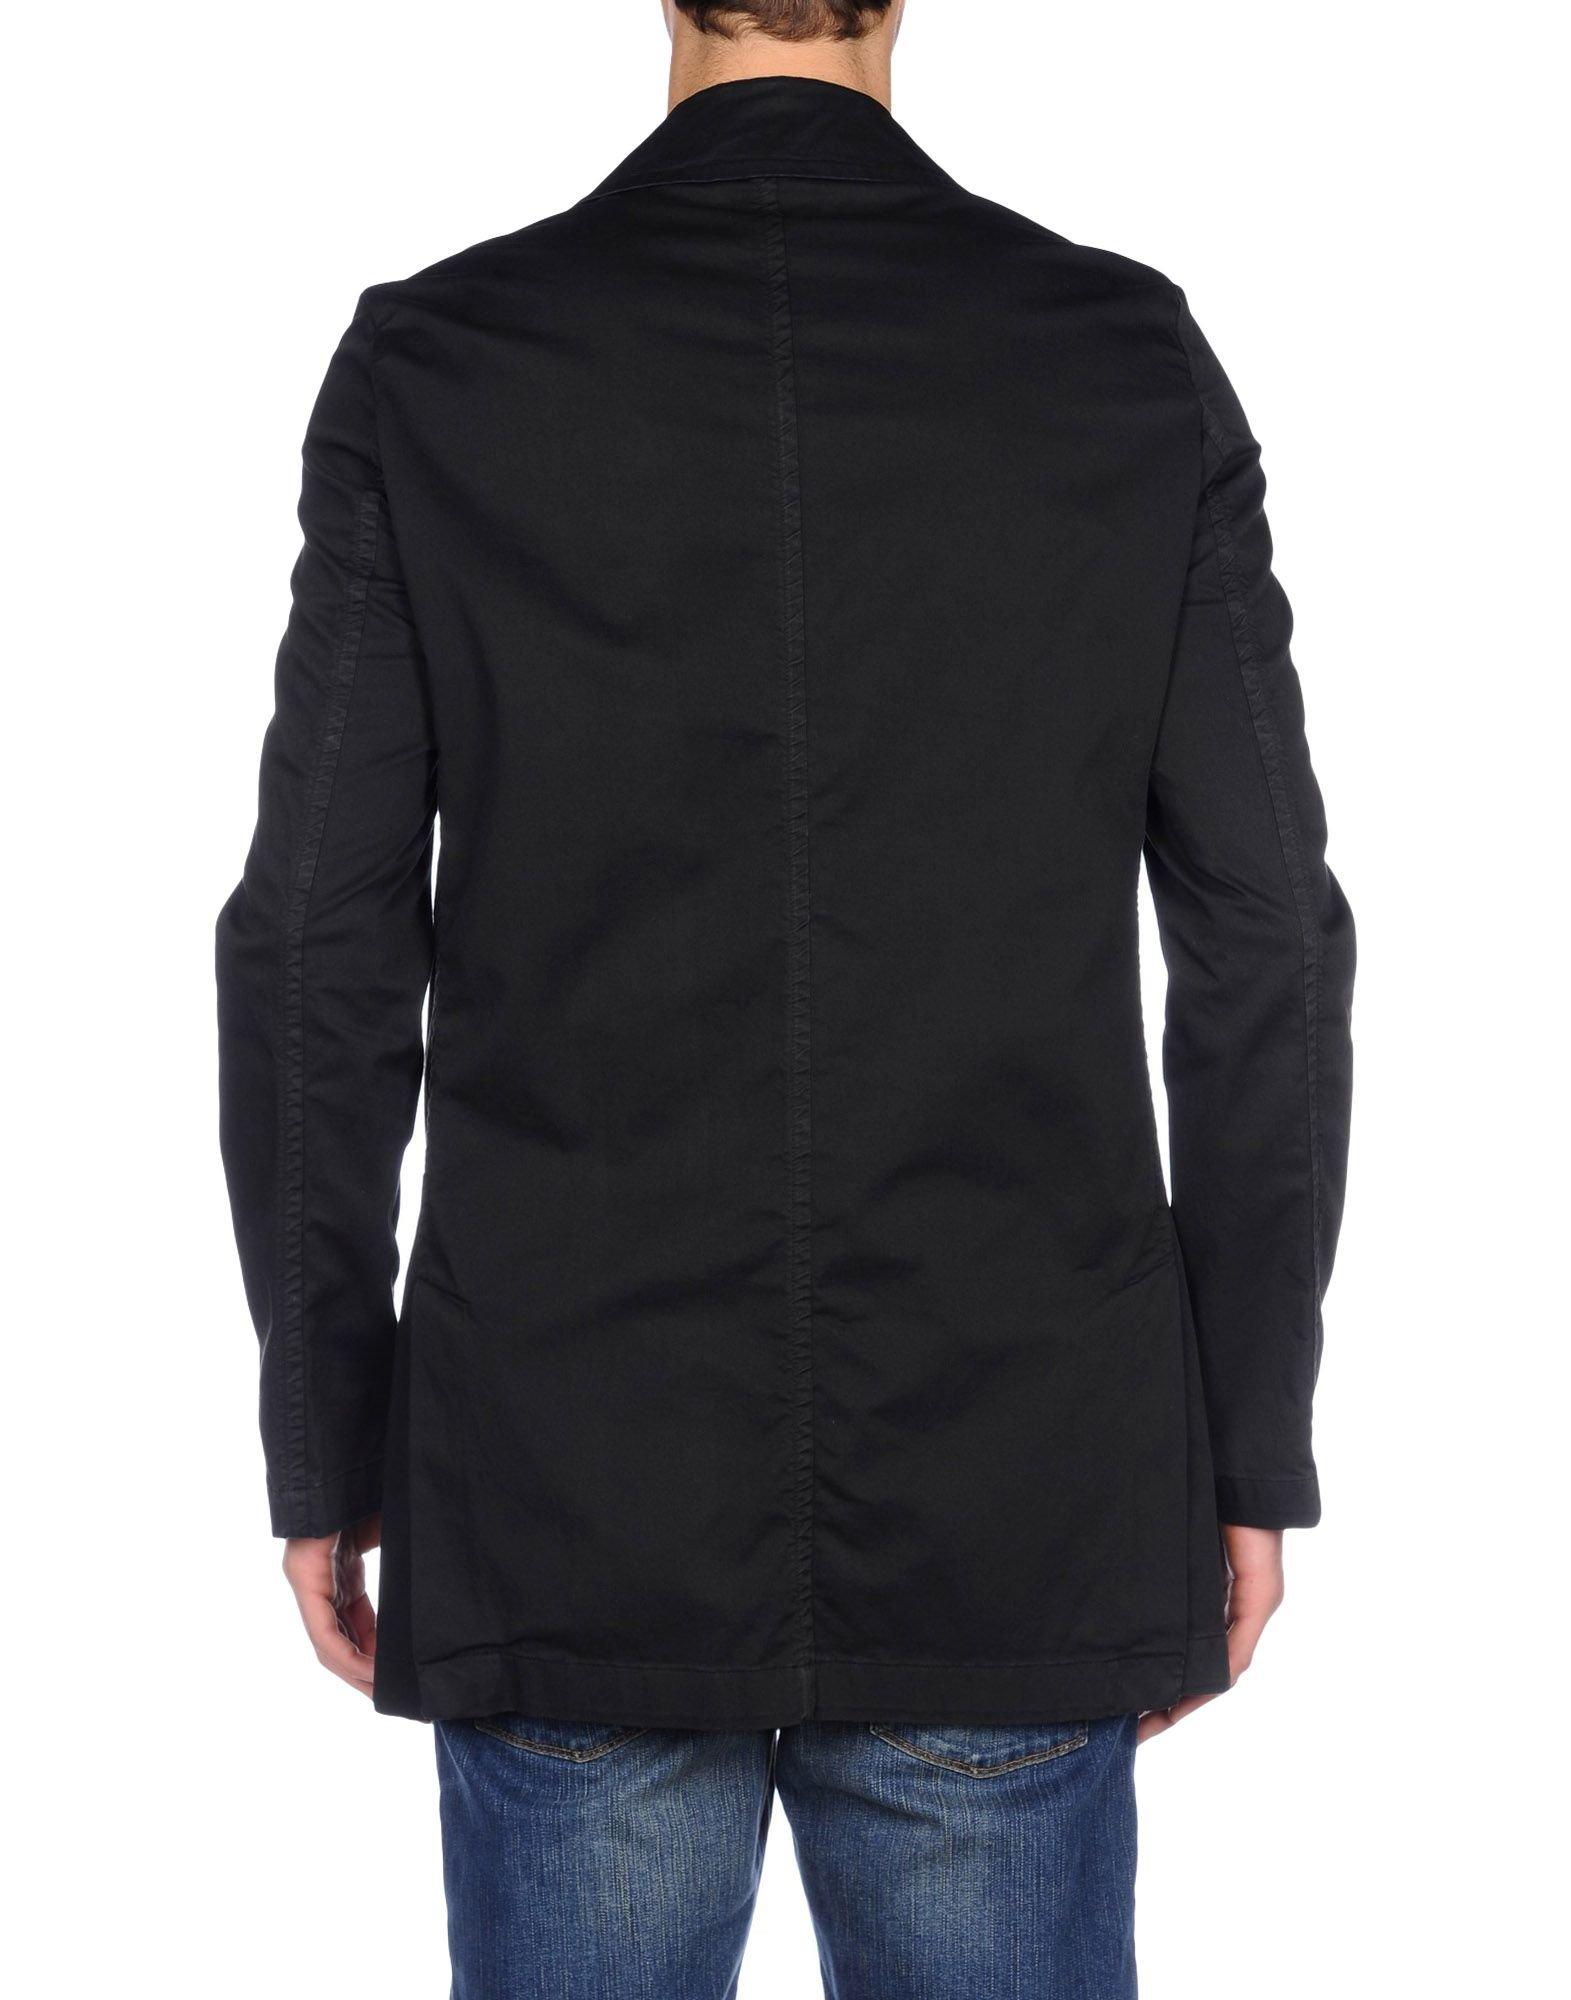 Marni Full-length Jacket in Black for Men